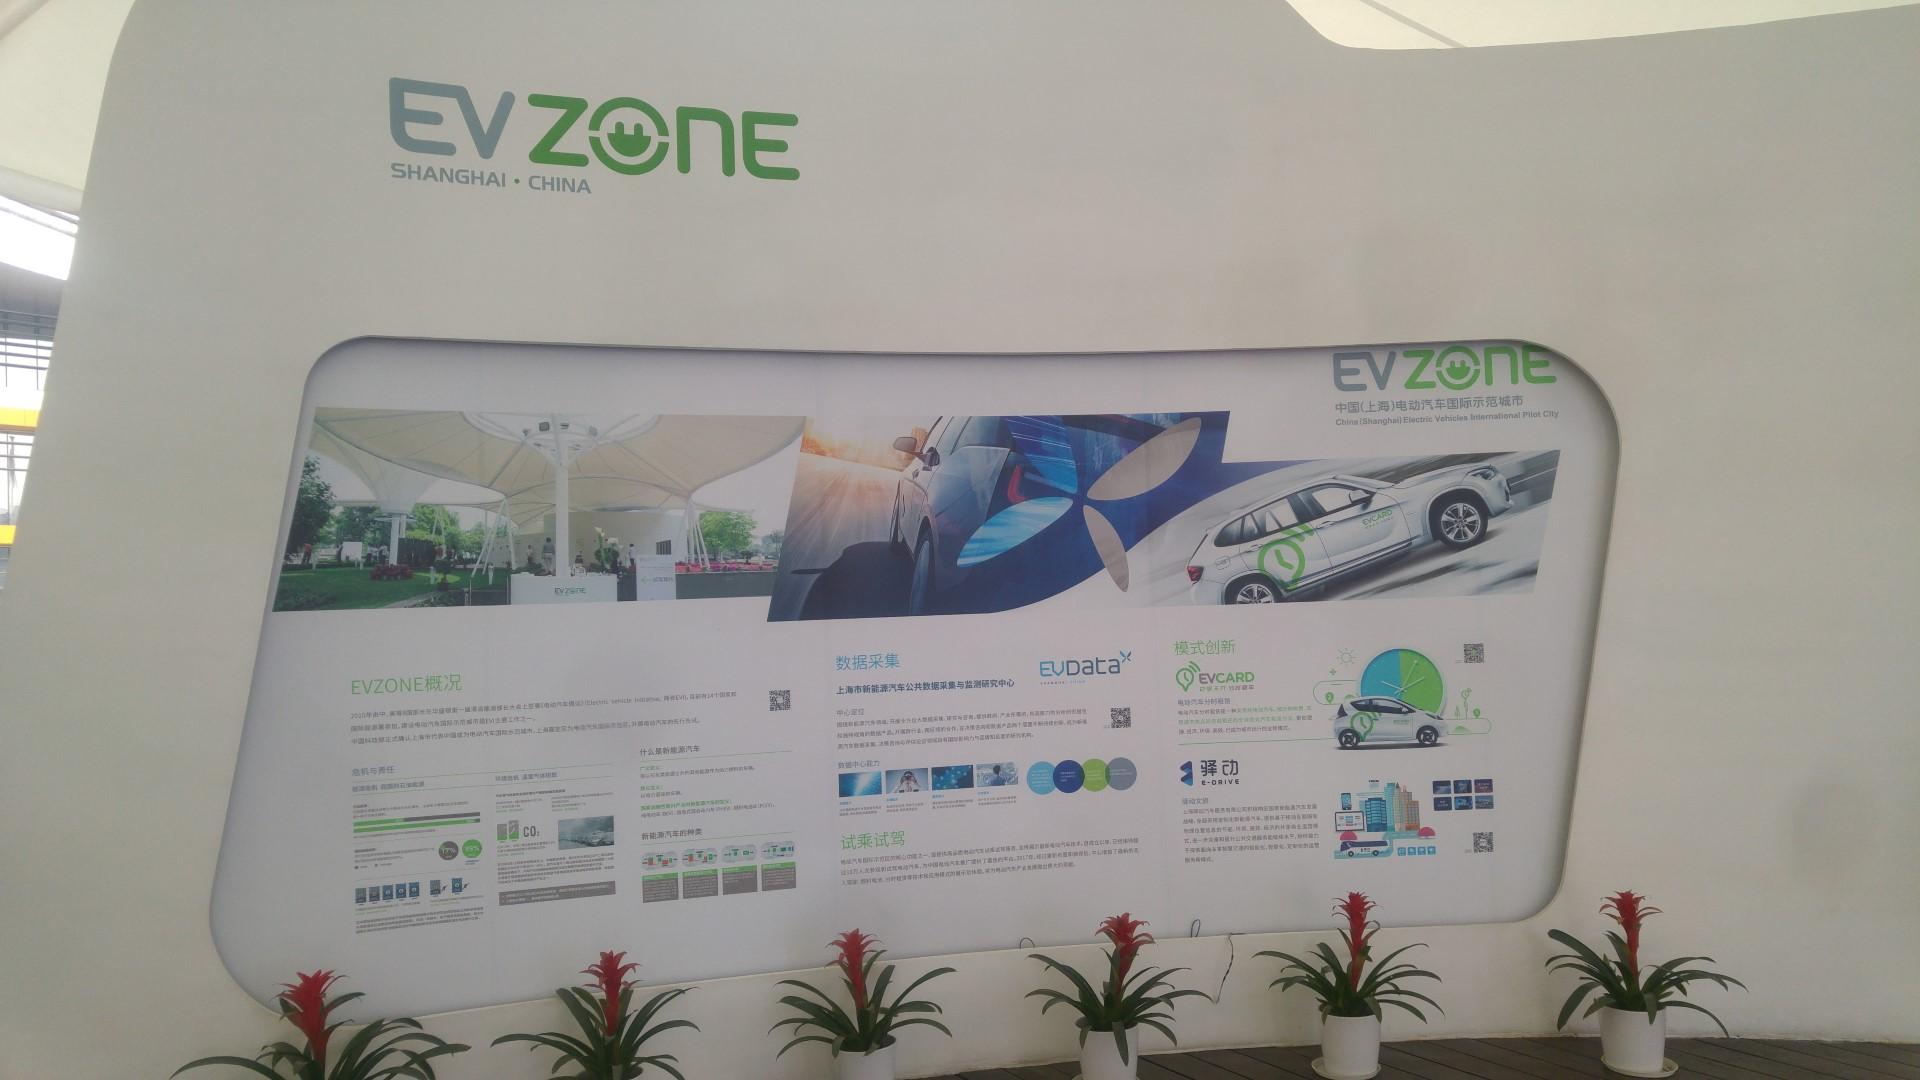 Shanghai EV Zone